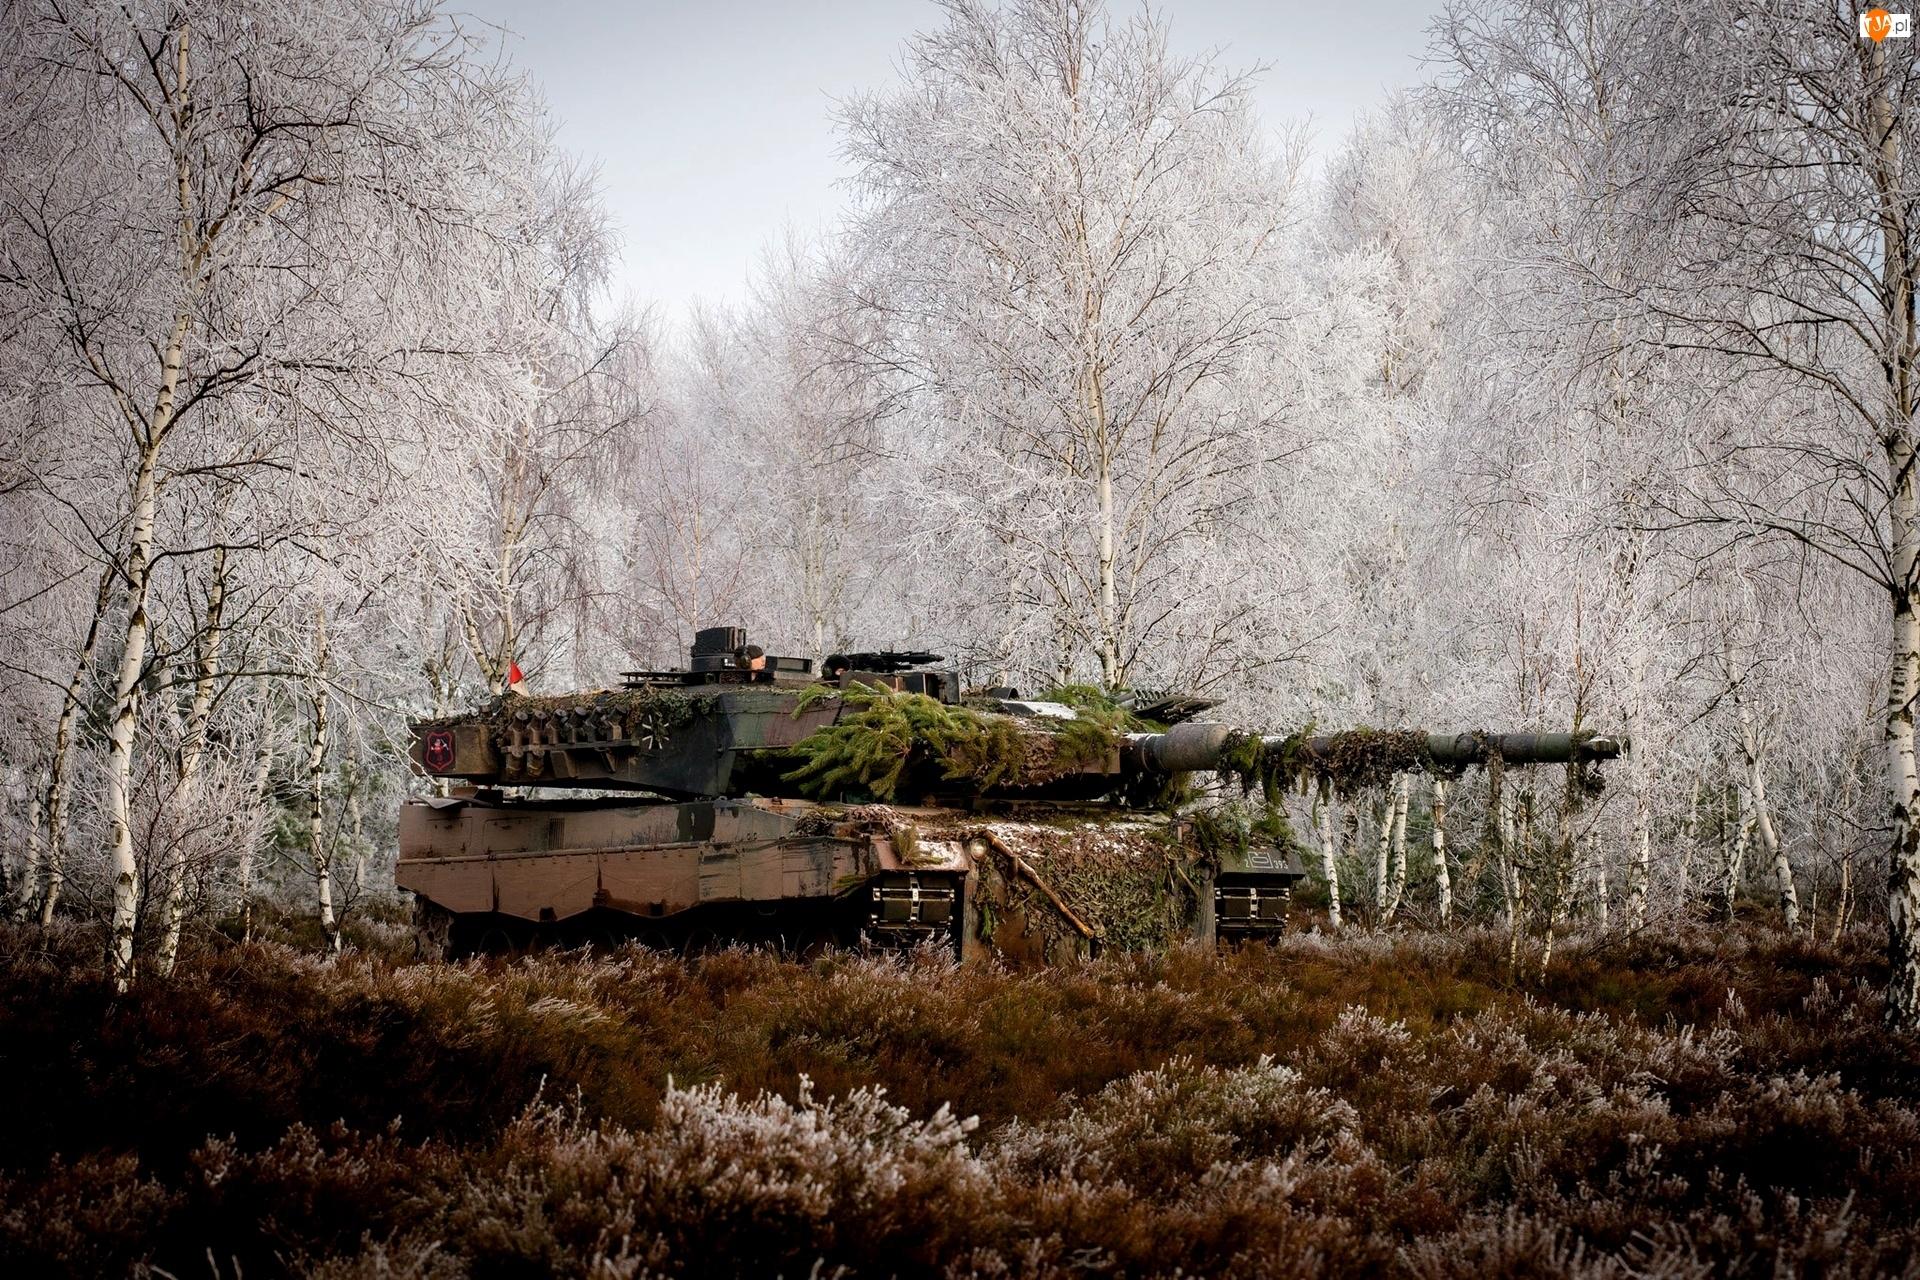 Czołg, Brzozy, Leopard 2a5, Trawa